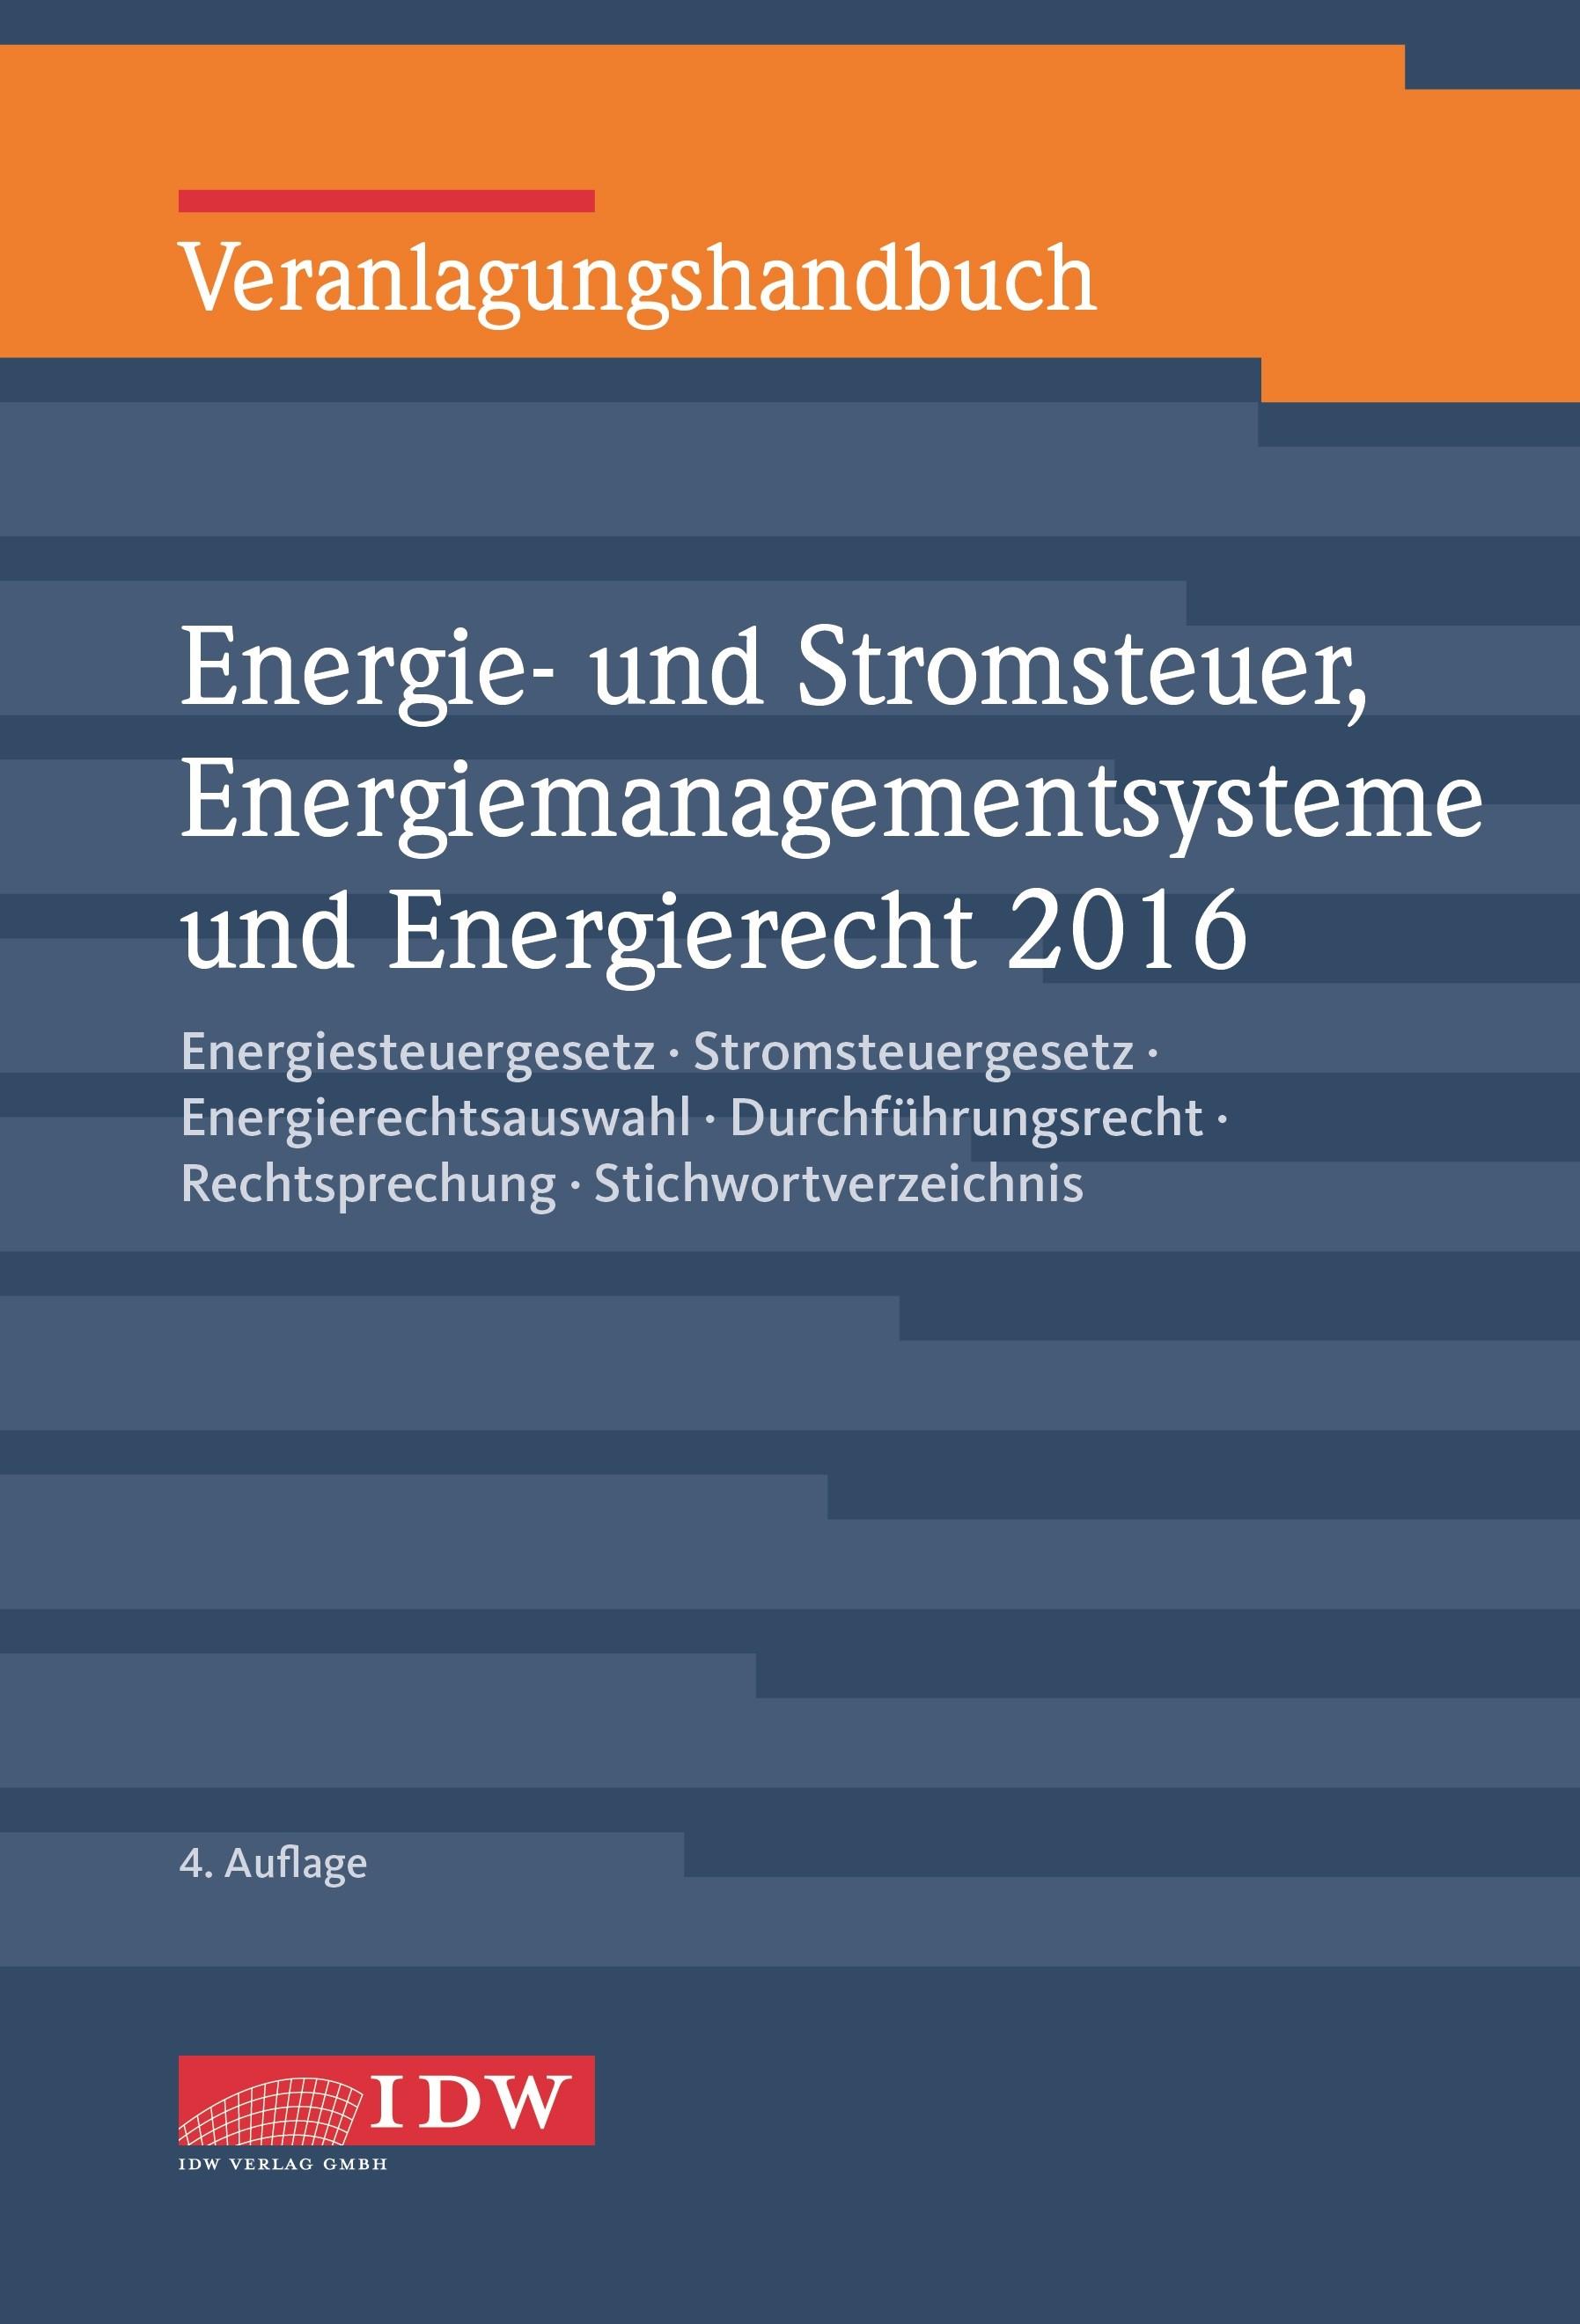 Veranlagungshandbuch Energie- und Stromsteuer, Energiemanagementsysteme und Energierecht 2016 | Institut der Wirtschaftsprüfer / Möhlenkamp / Milewski | 4. Auflage, 2017 | Buch (Cover)